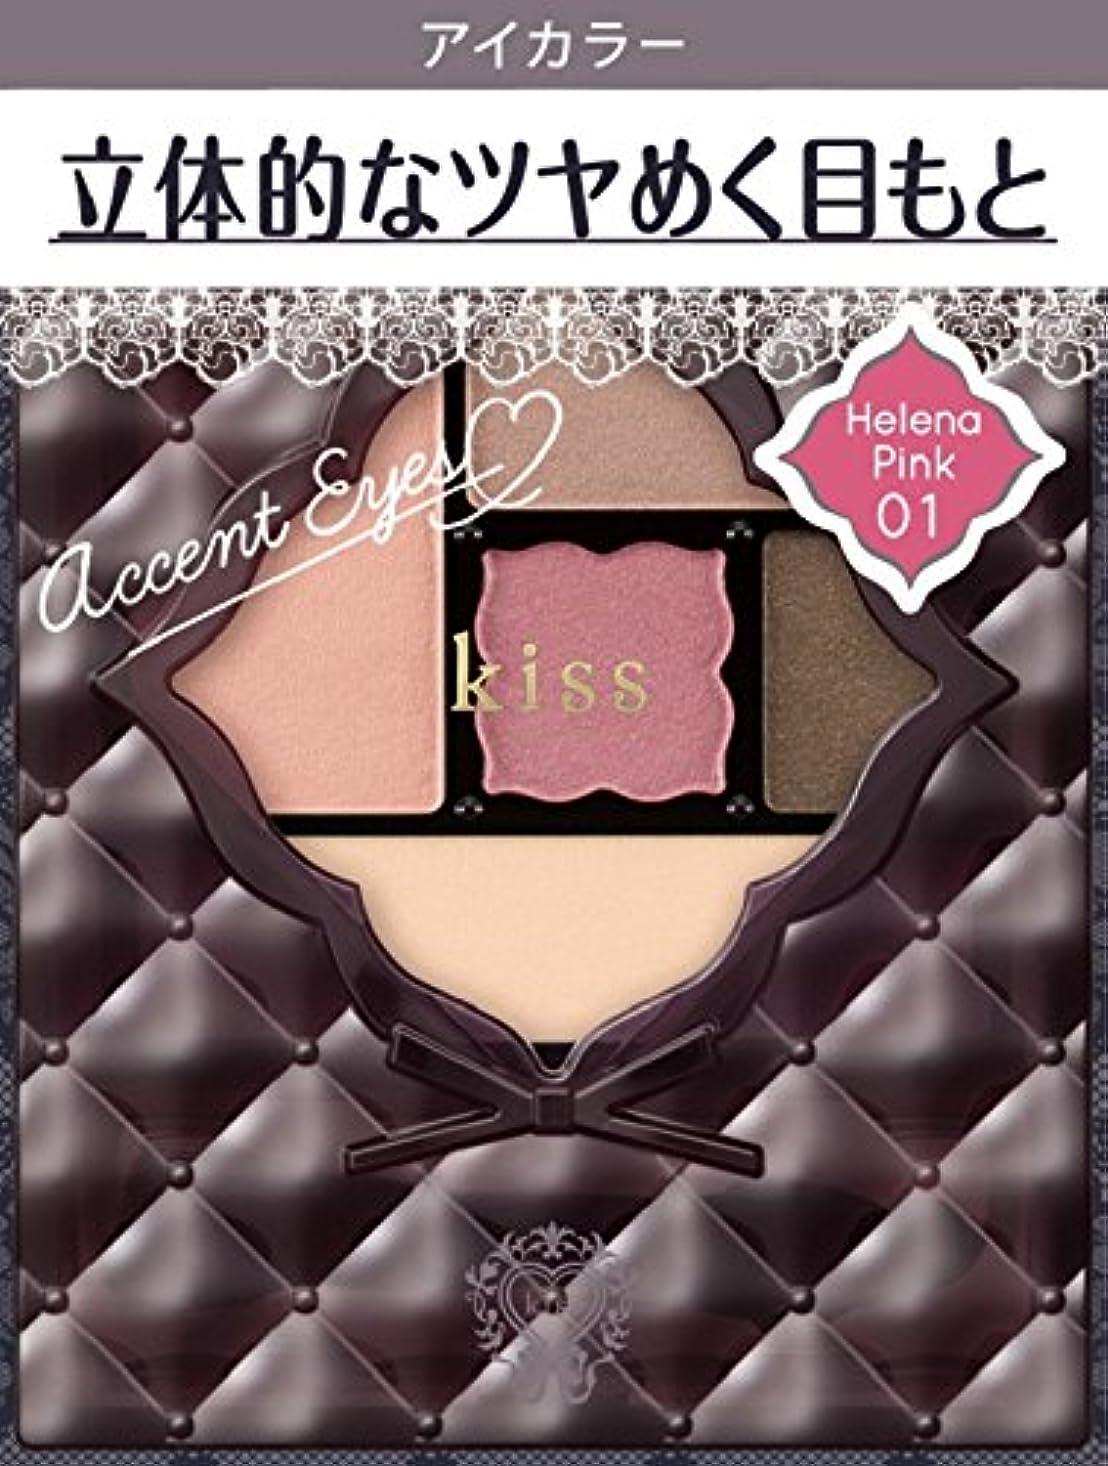 ナンセンス受ける支配的キス アクセントアイズ01 ヘレネーピンク 3.5g